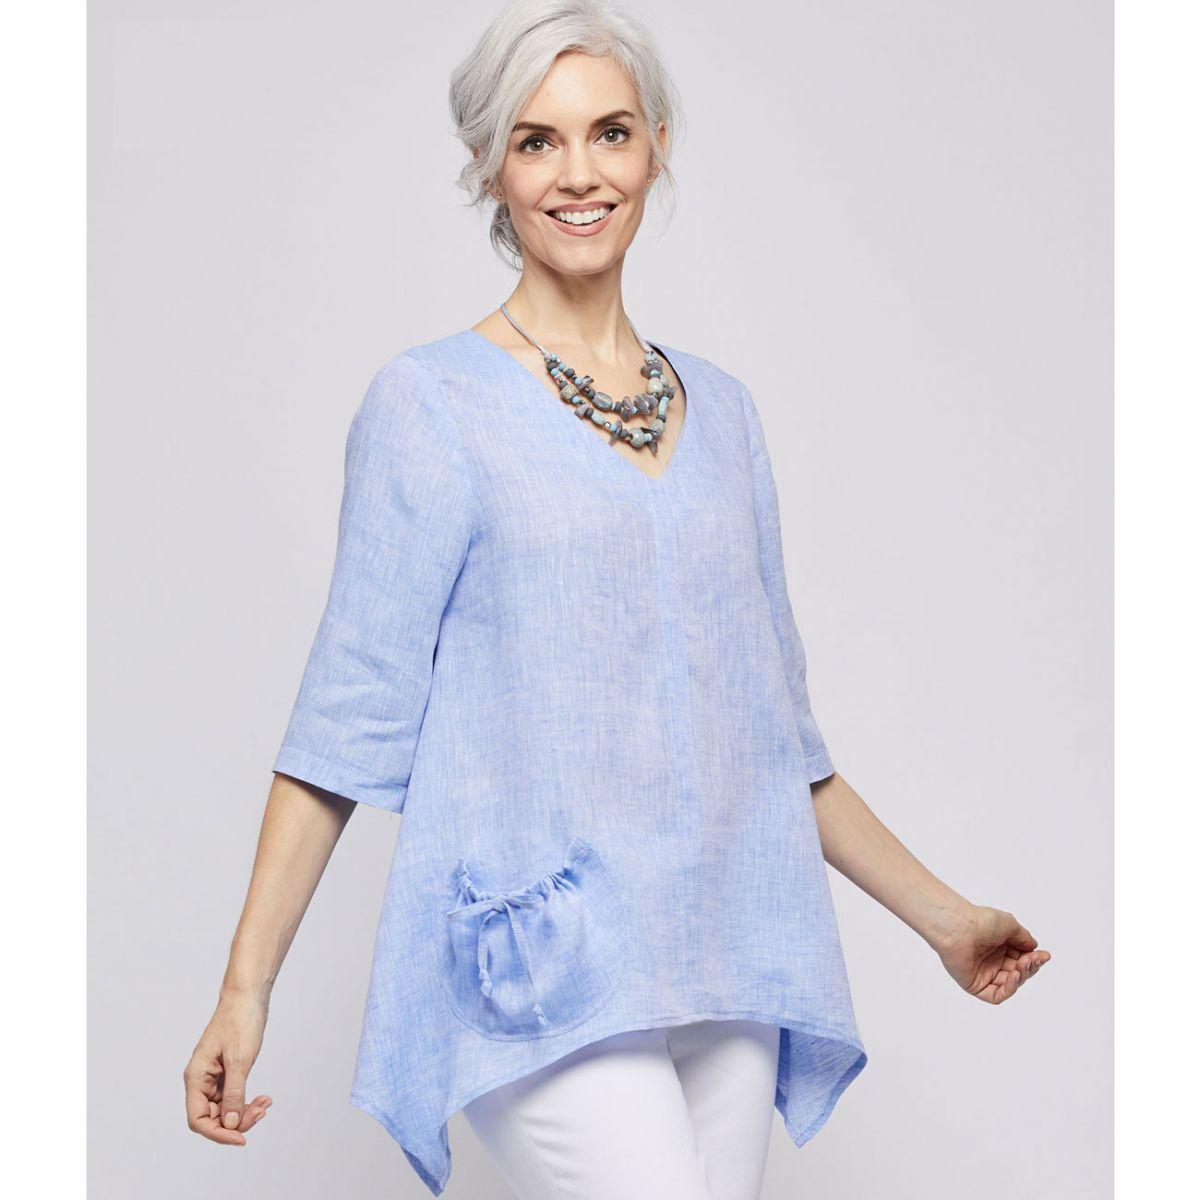 7059 Simplicity Schnittmuster Lagenlook Shirt Top